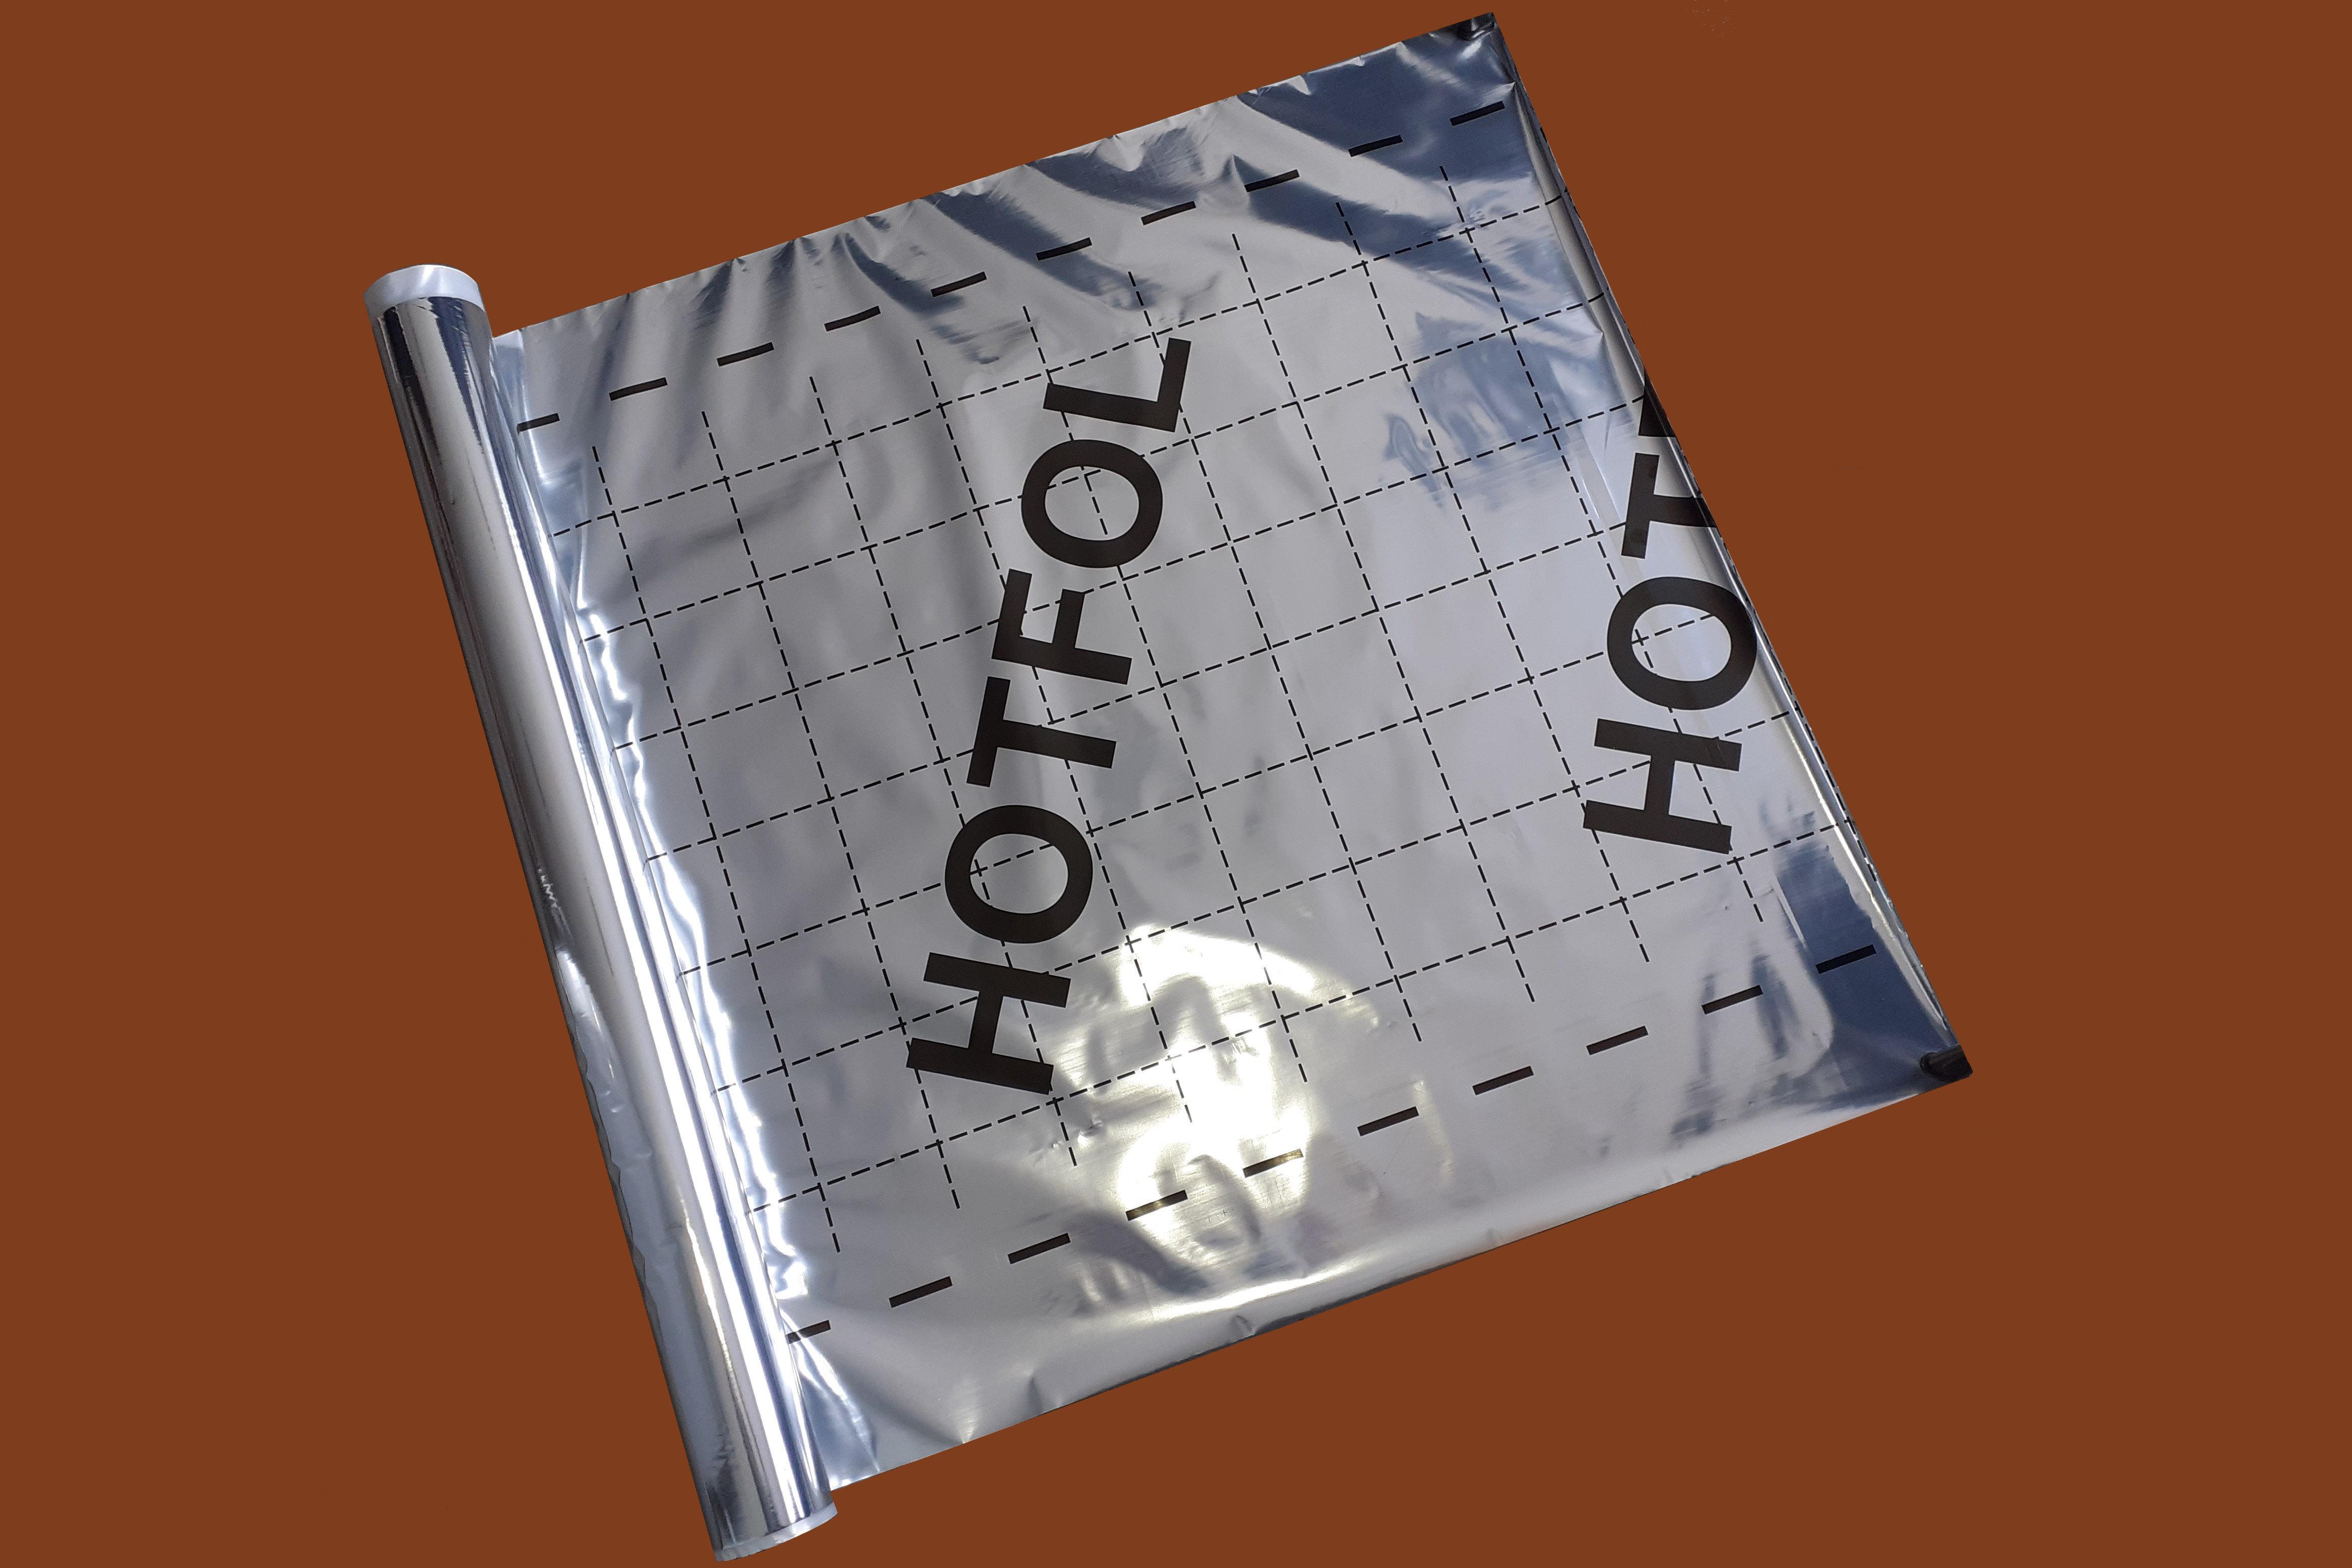 Fólia Hotfol padlófűtés alátétfólia (50m2) BAUplaza Kft.